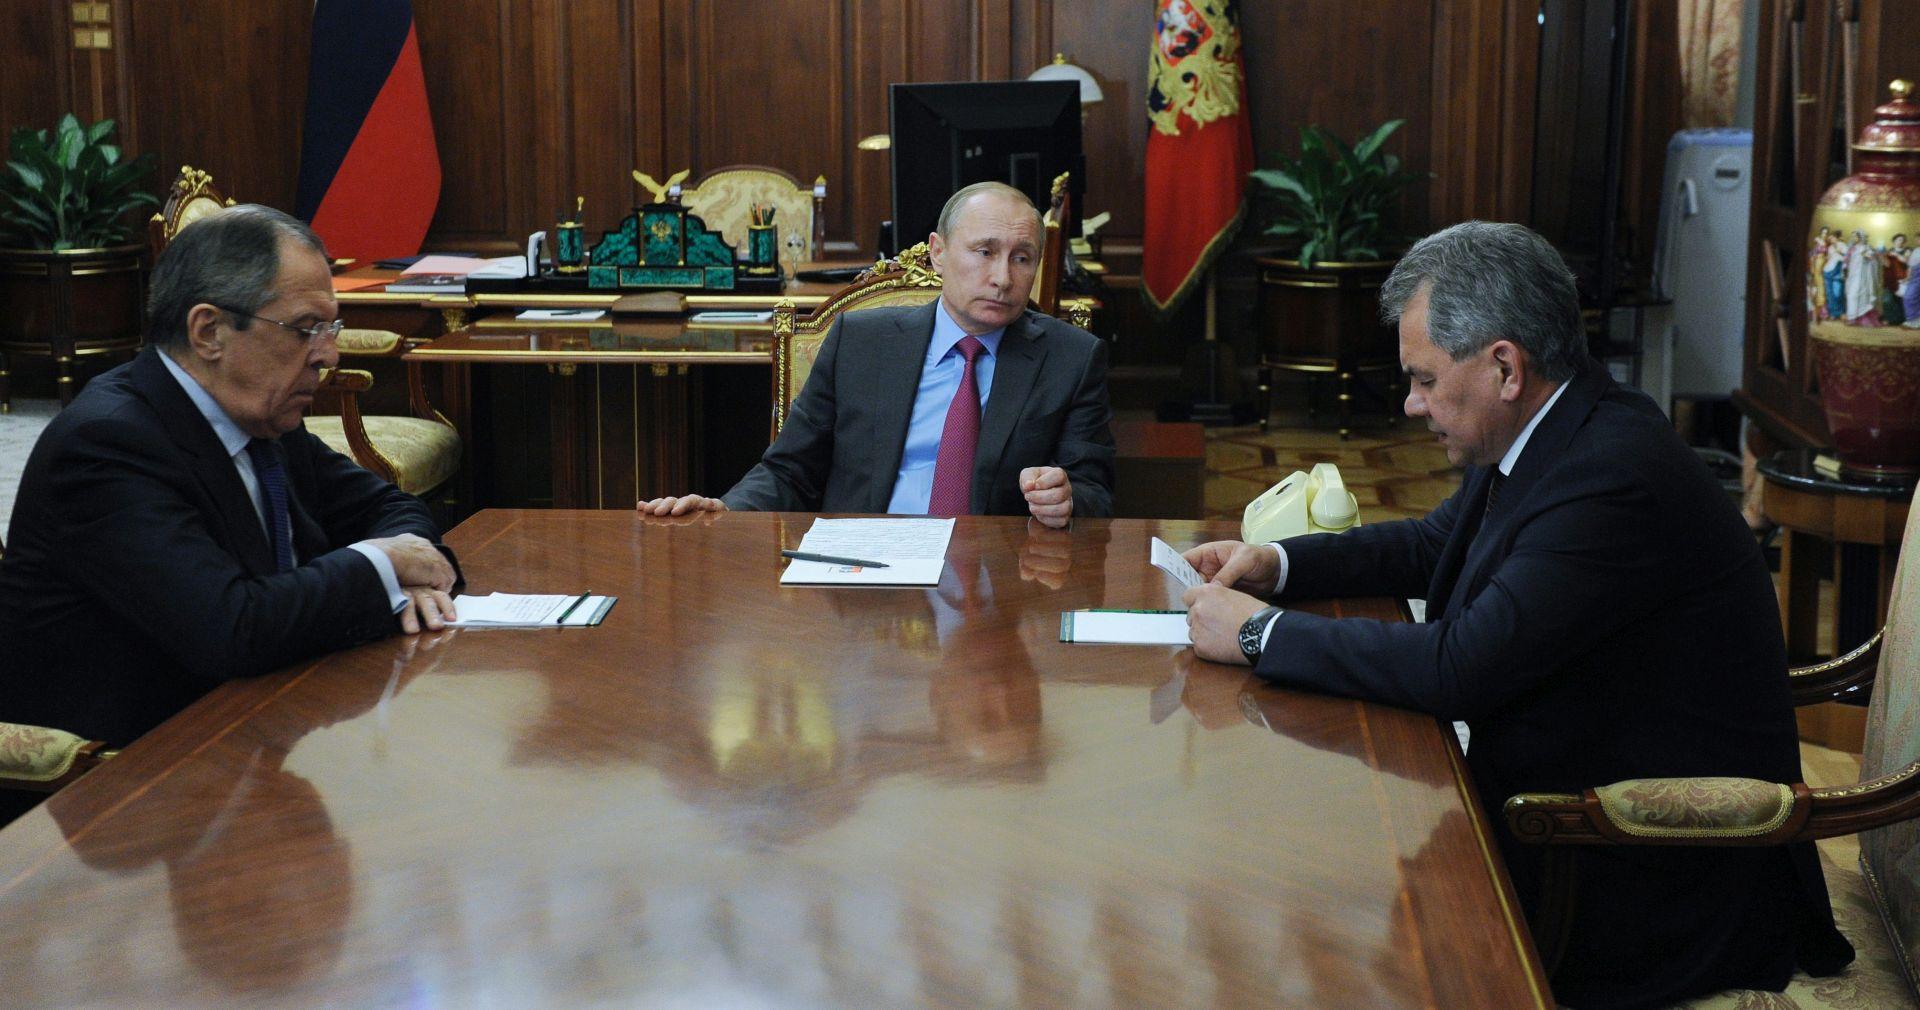 ZAHTJEV POVUČEN: Moskva odustala od uplovljavanja flote u španjolsku luku